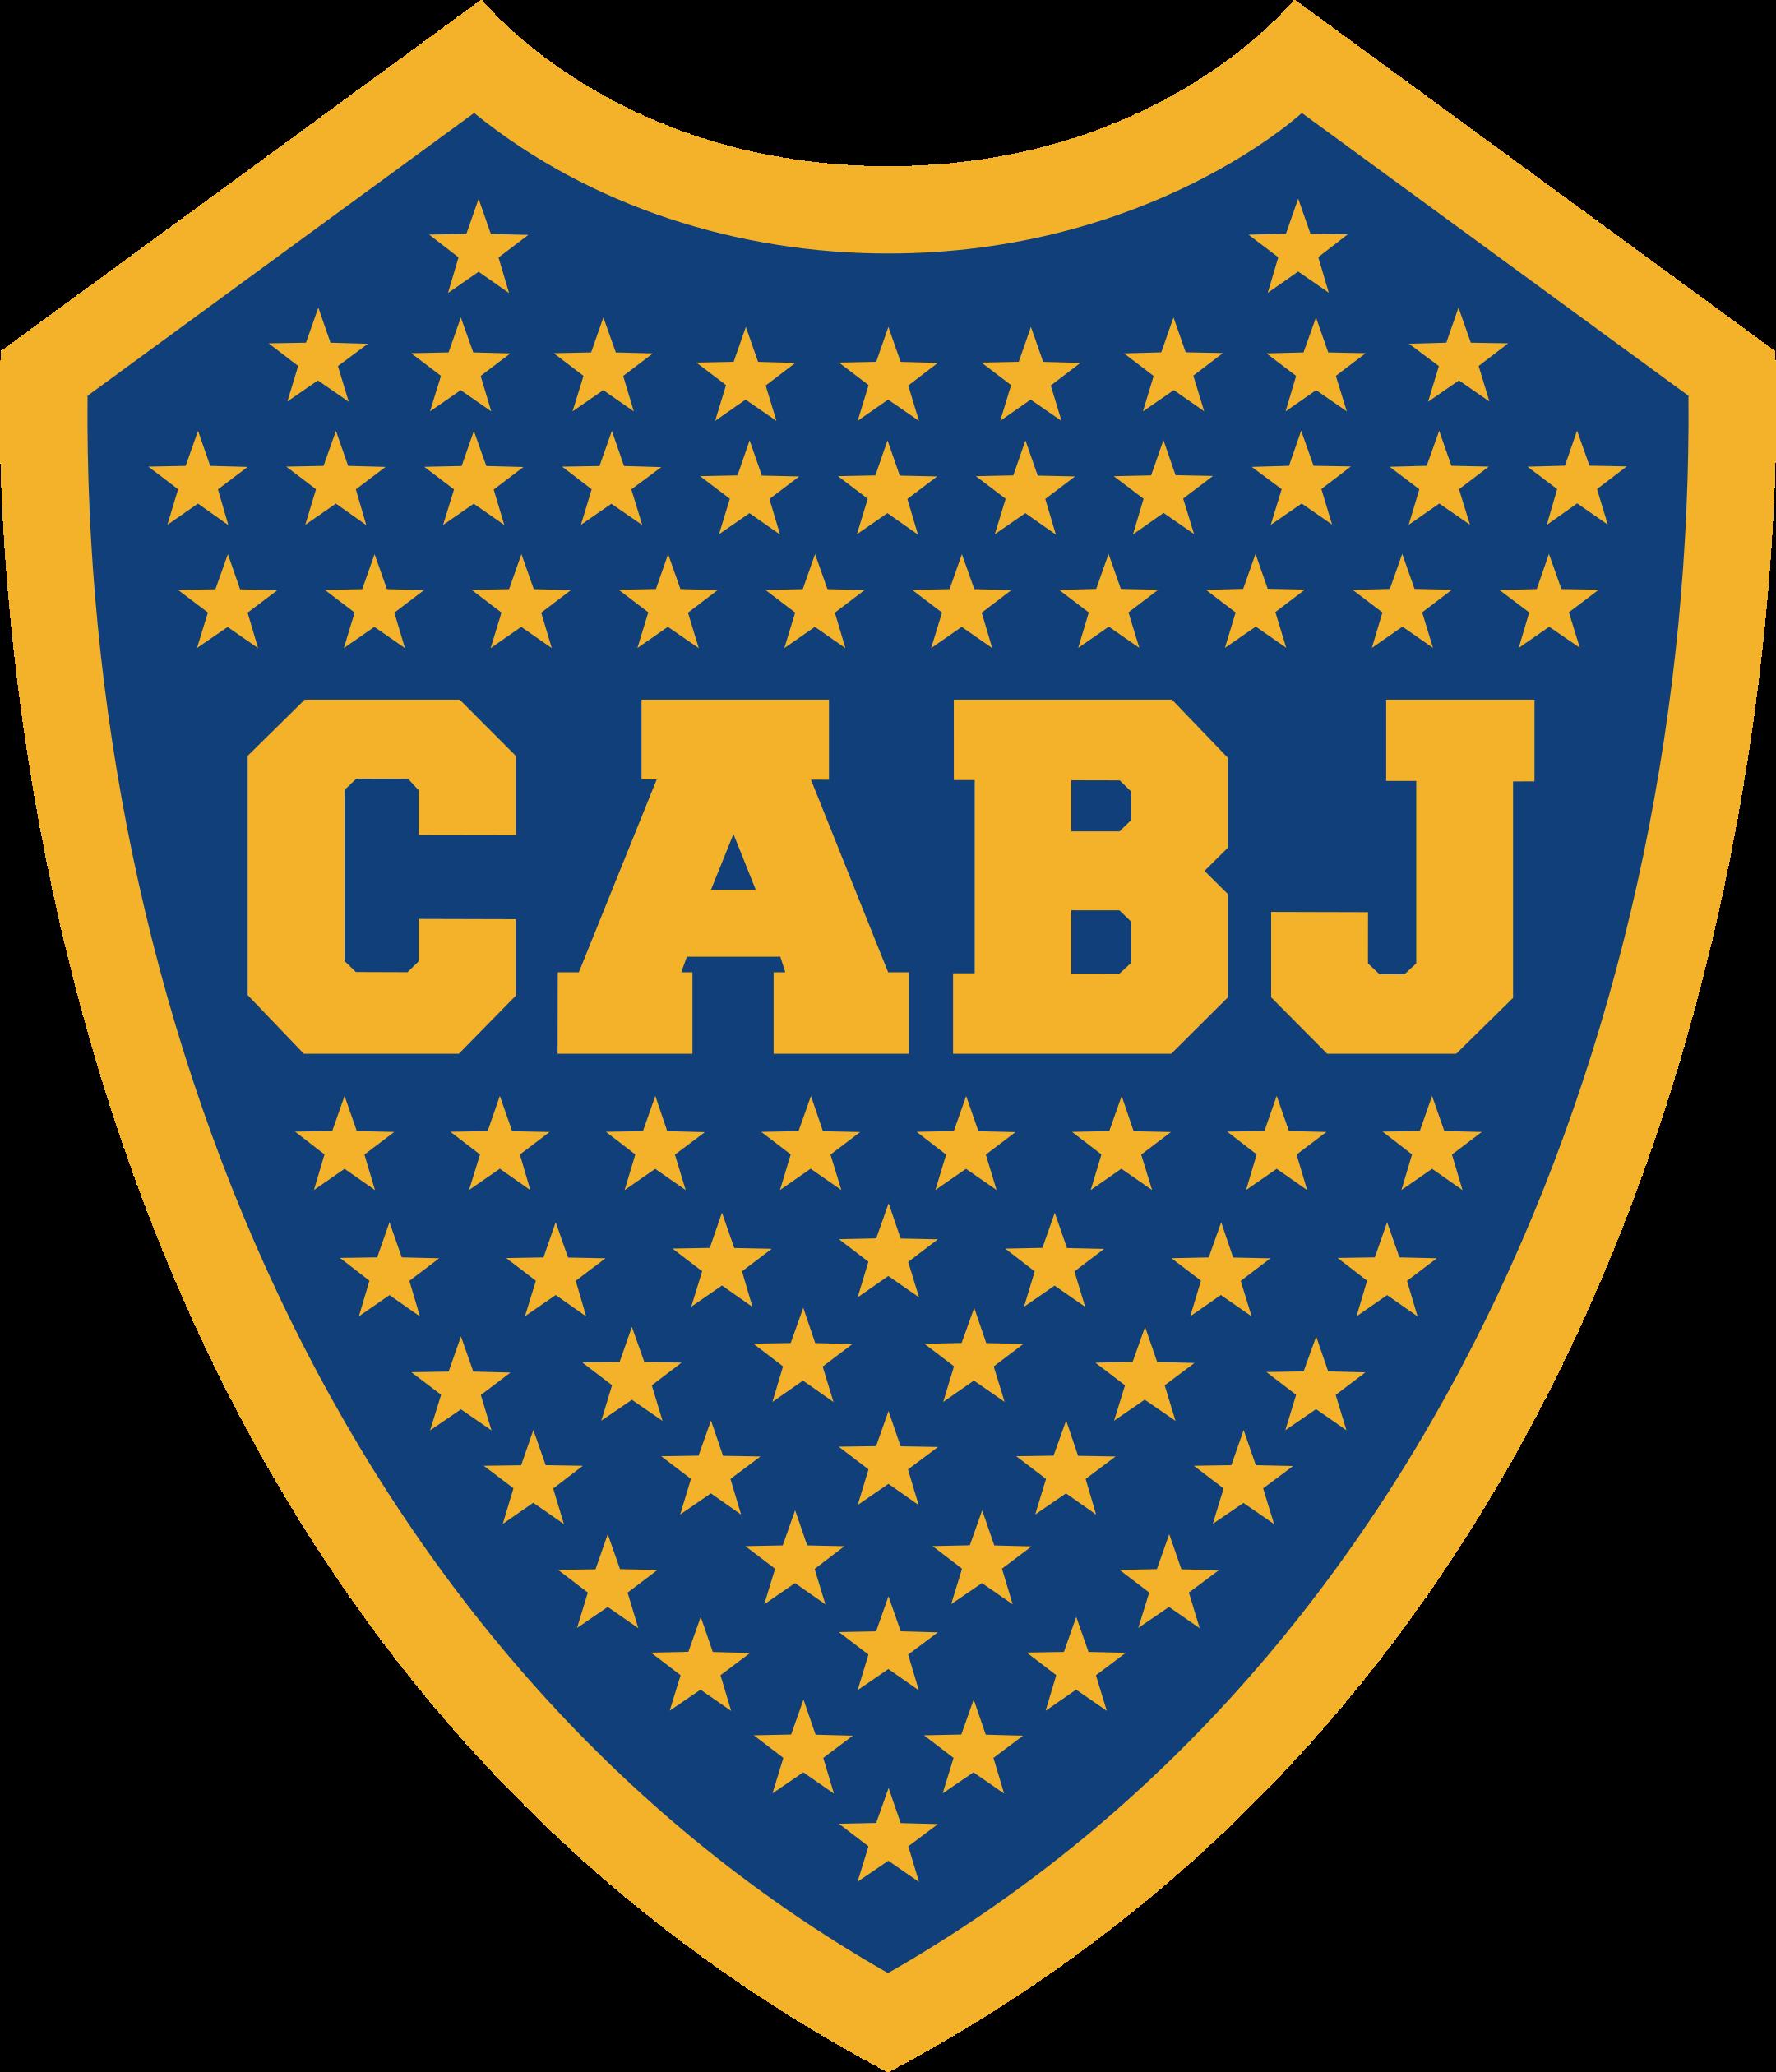 boca juniors logo escudo 1 1 - Boca Juniors Logo